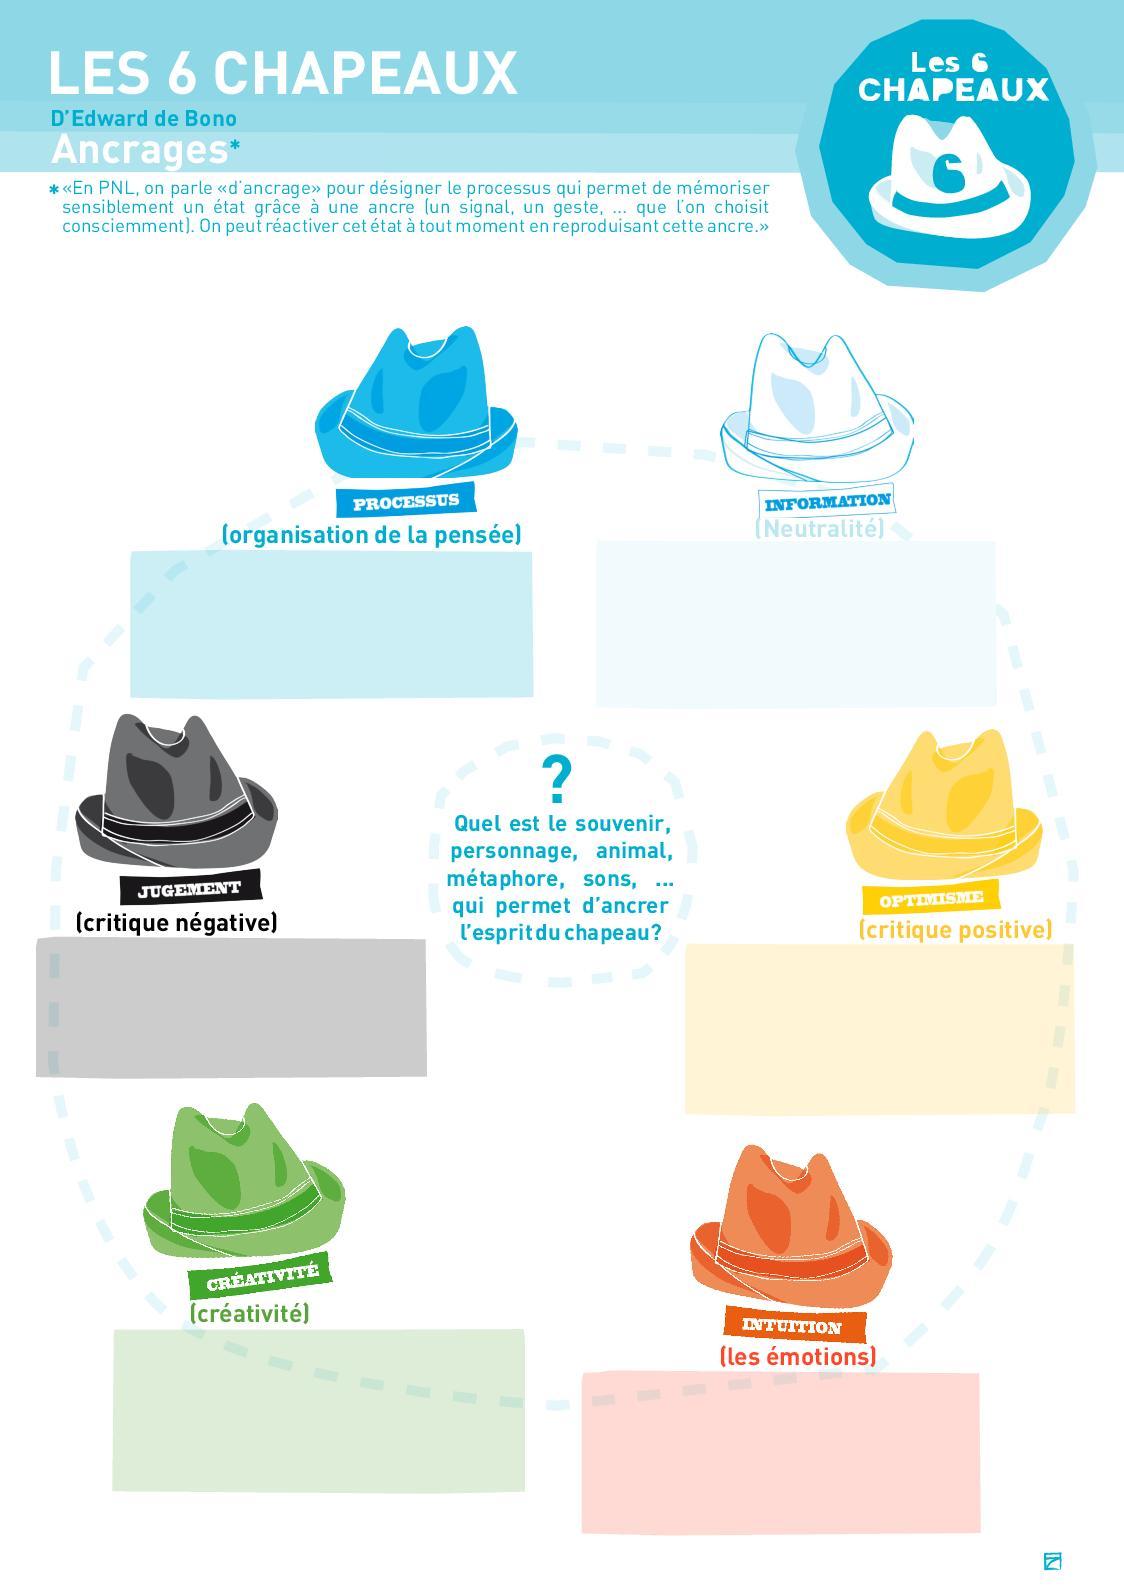 Les 6 Chapeaux De Bono : chapeaux, Calaméo, Fiche, Chapeaux, Ancrage